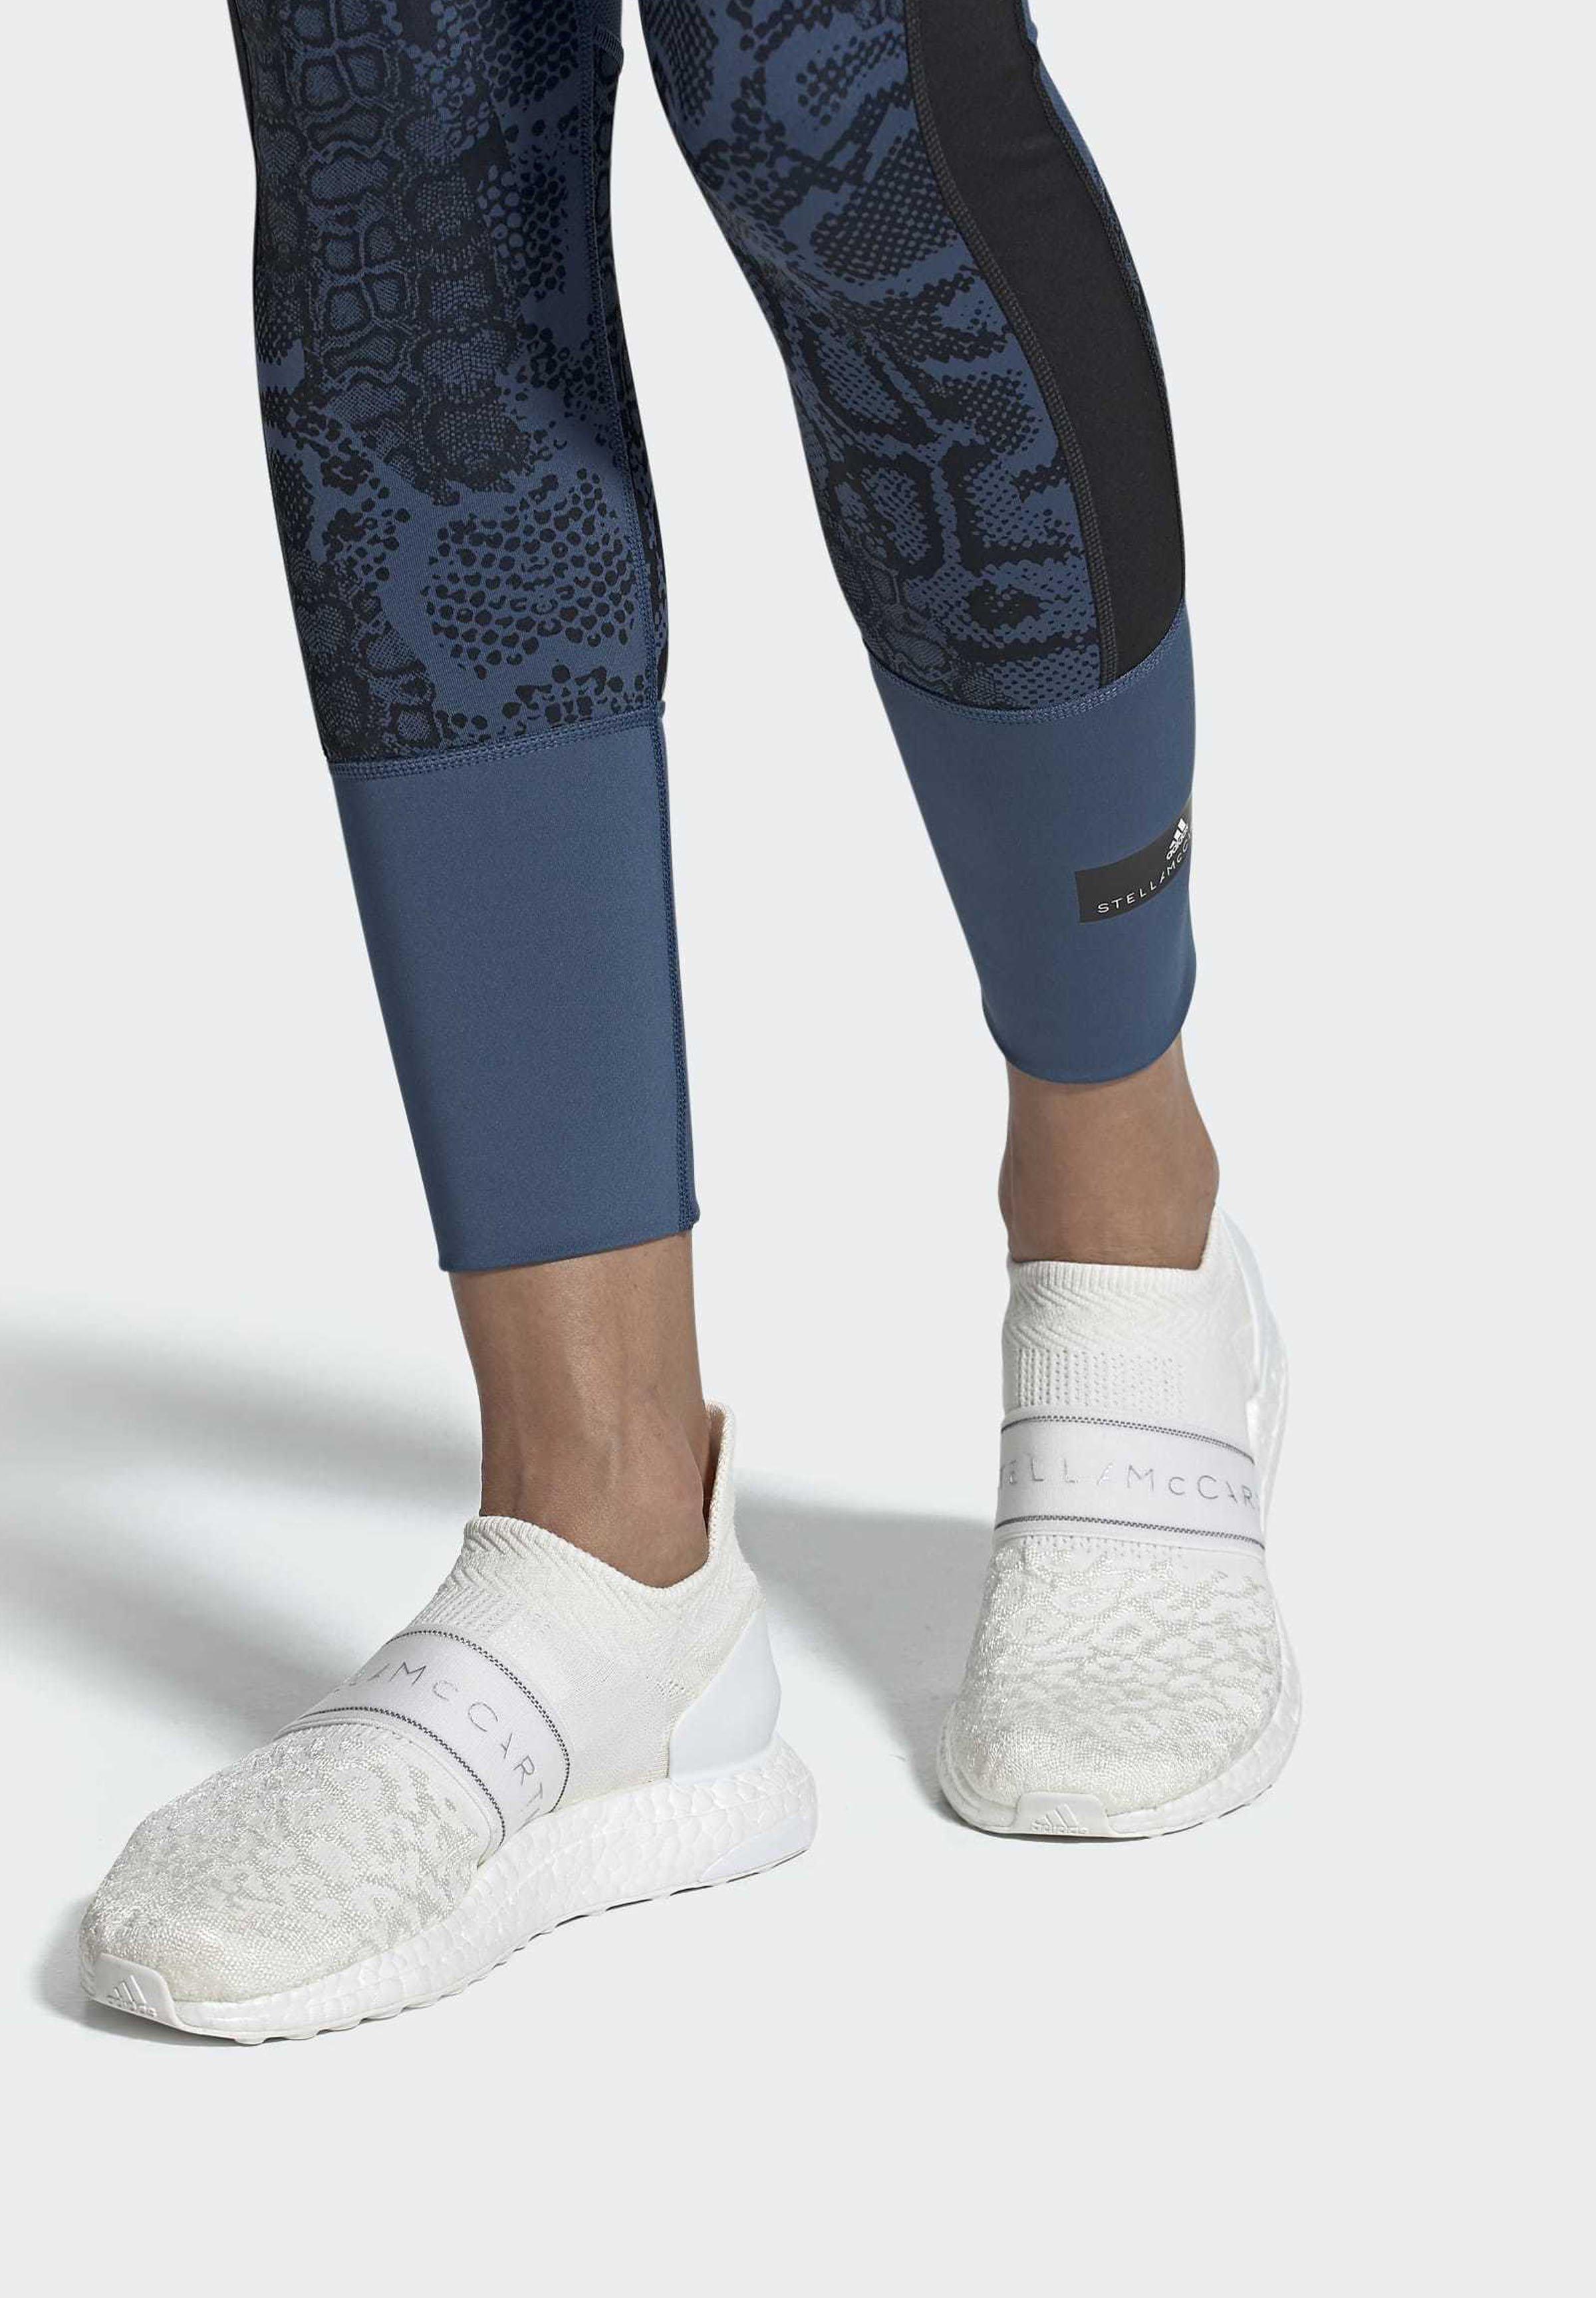 Adidas By Stella Mccartney 2020-03-02 Ultraboost X 3d Knit Shoes - Juoksukenkä/vakaus White